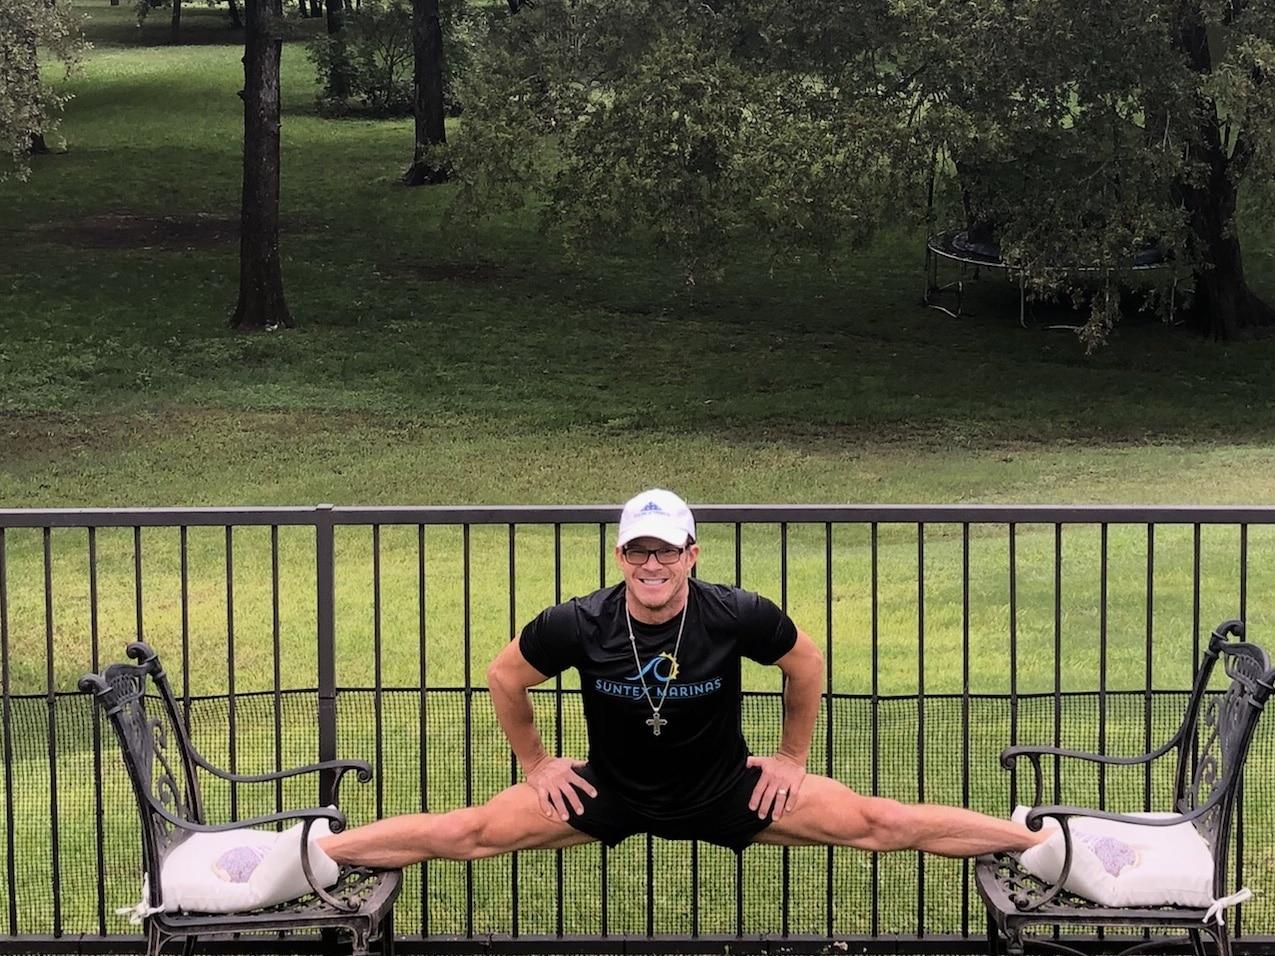 dallas personal trainer, fitness, strength training, dallas tx, fighting 4 fitness, personal training in Dallas,